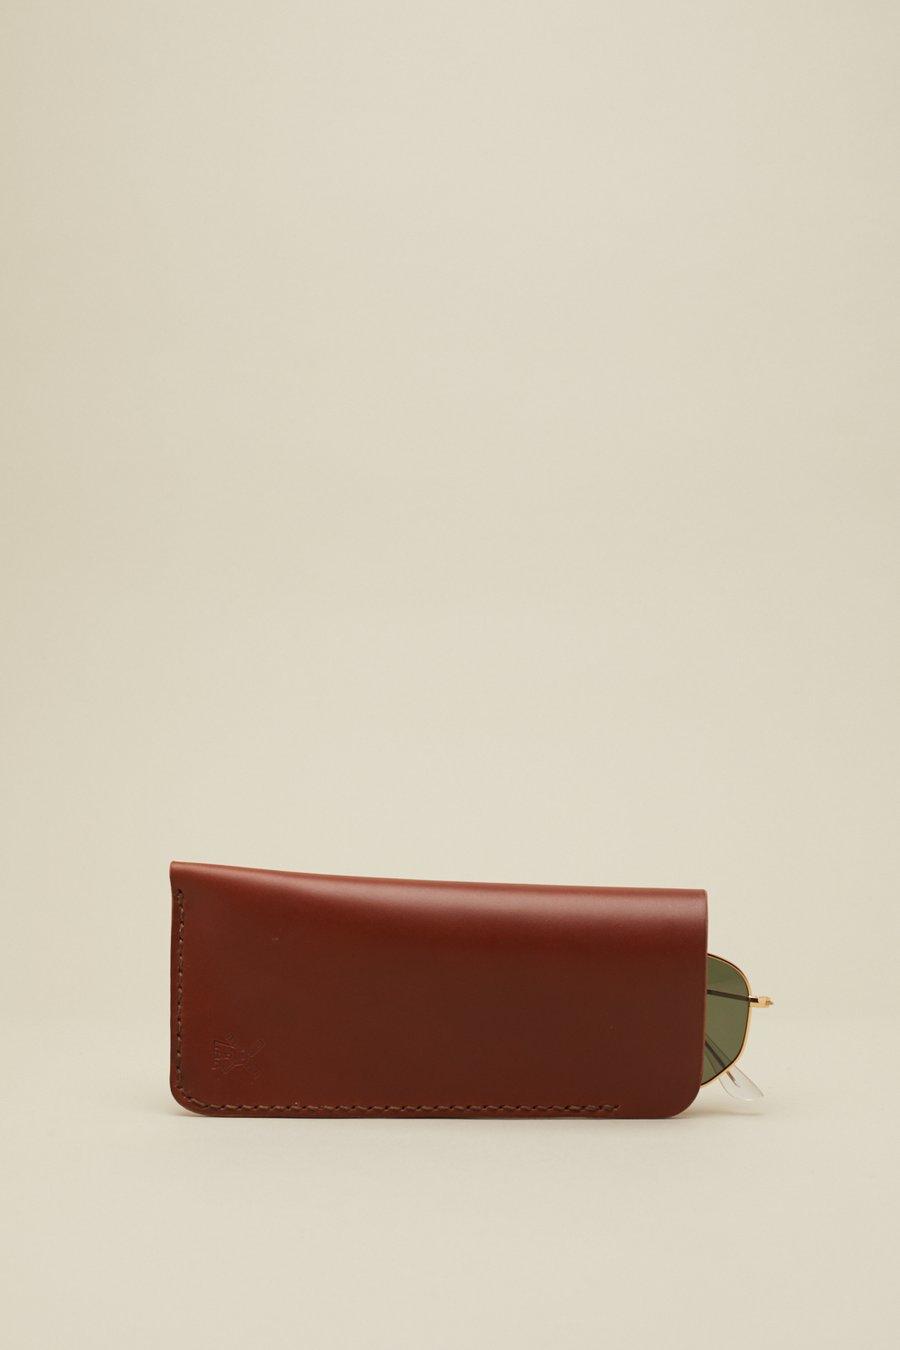 Image of Glasses Slip in Mahogany